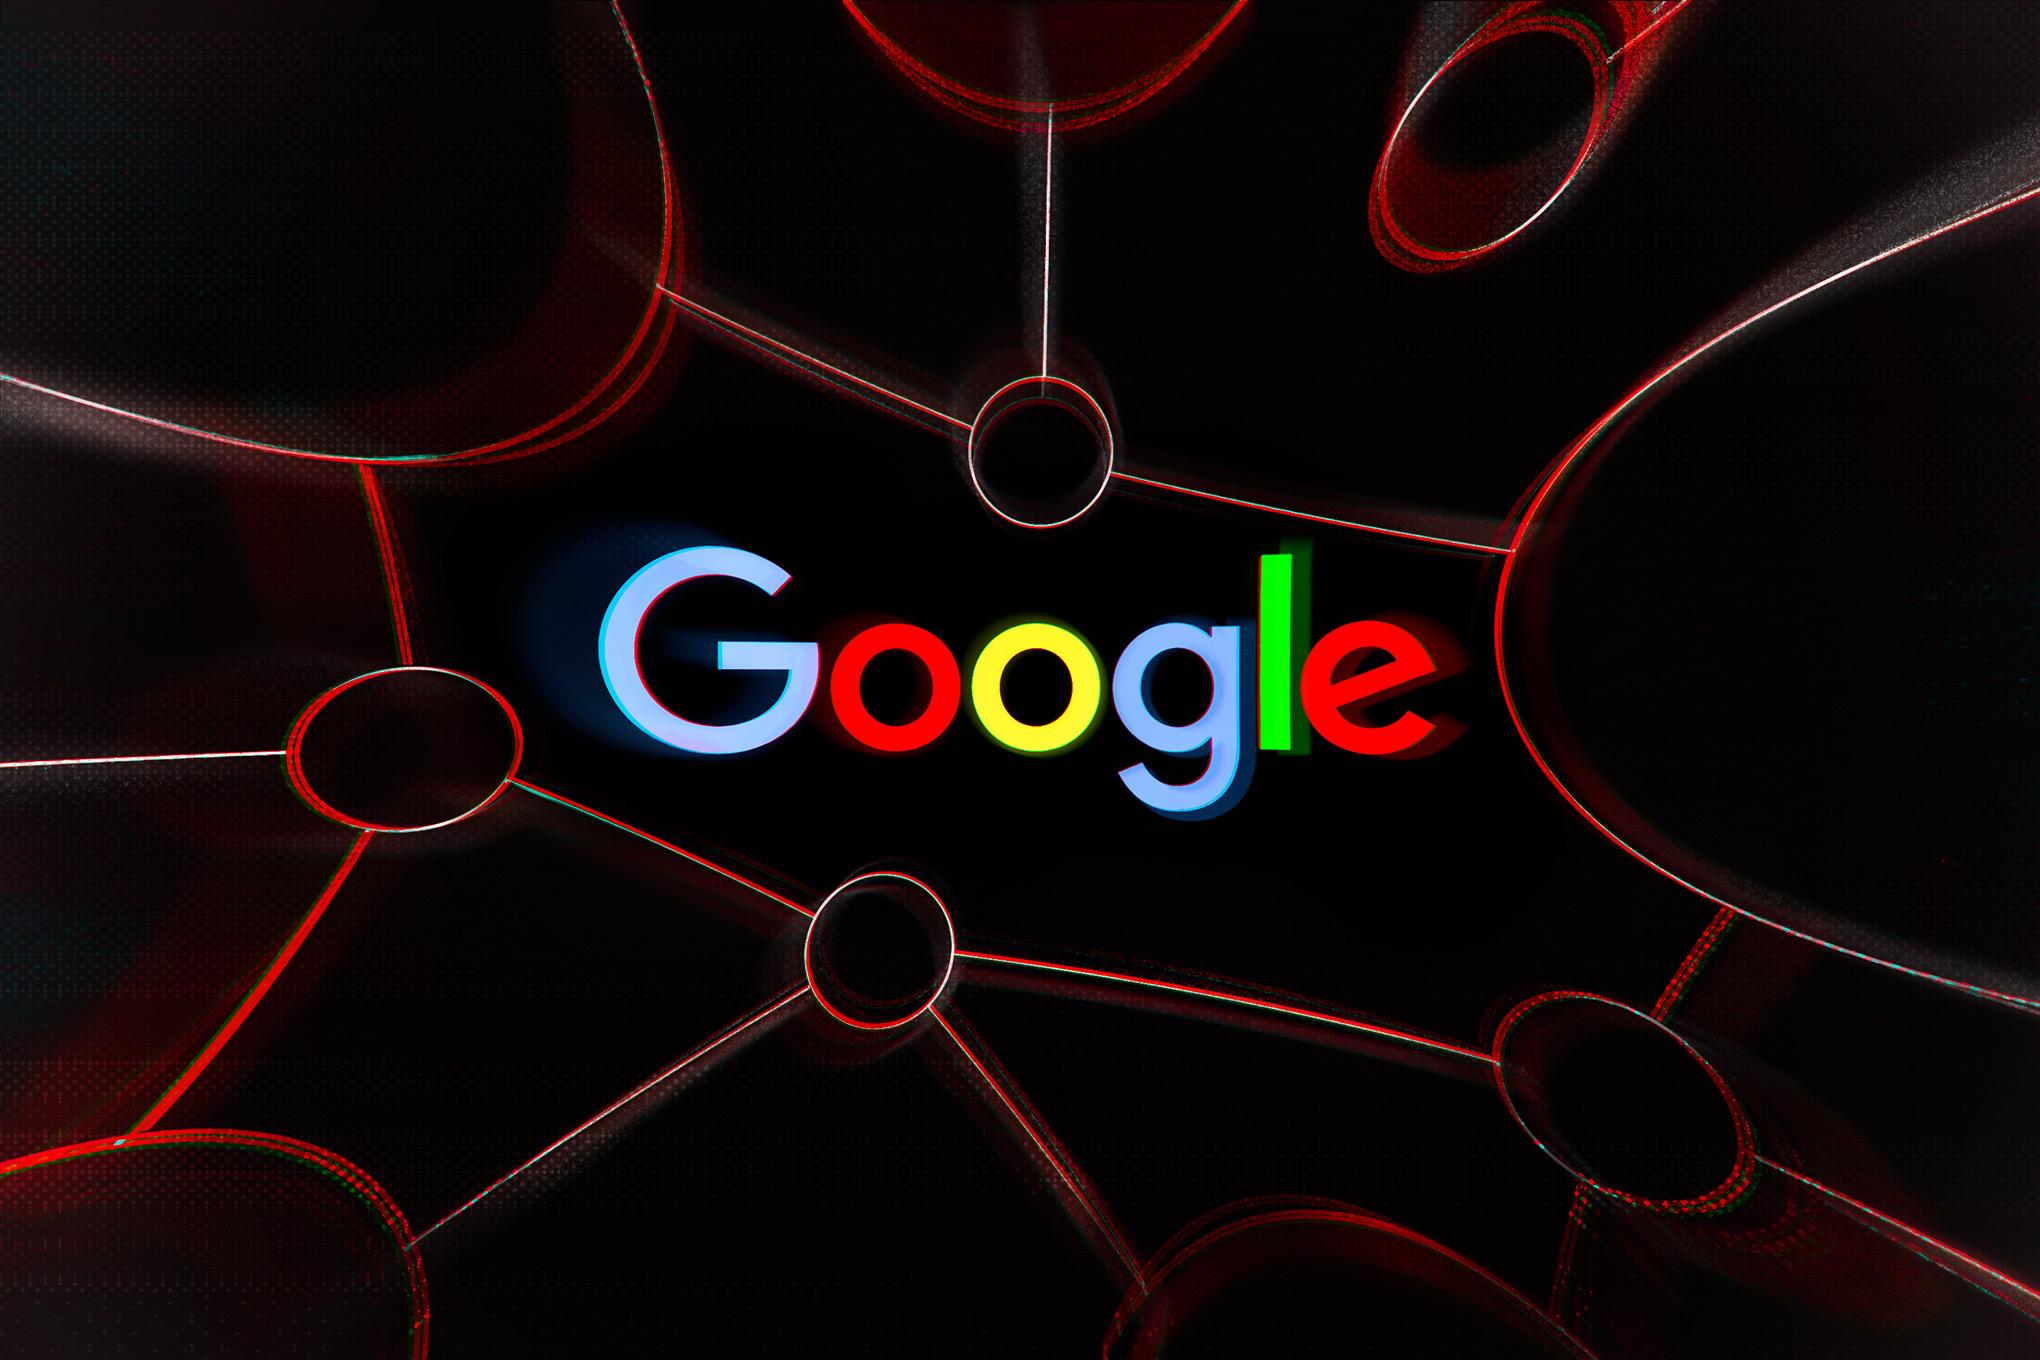 Google Project Zero предоставит разработчикам 30-дневный льготный период, прежде чем публично раскрывать сведения об уязвимостях - ITC.ua